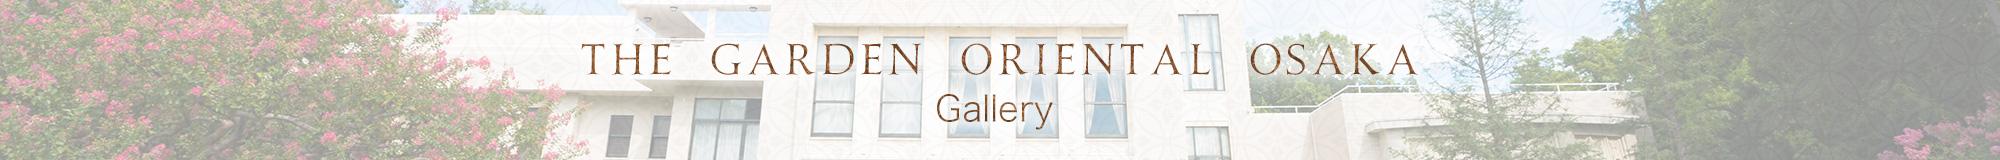 THE GARDEN ORIENTAL OSAKA GALLERY